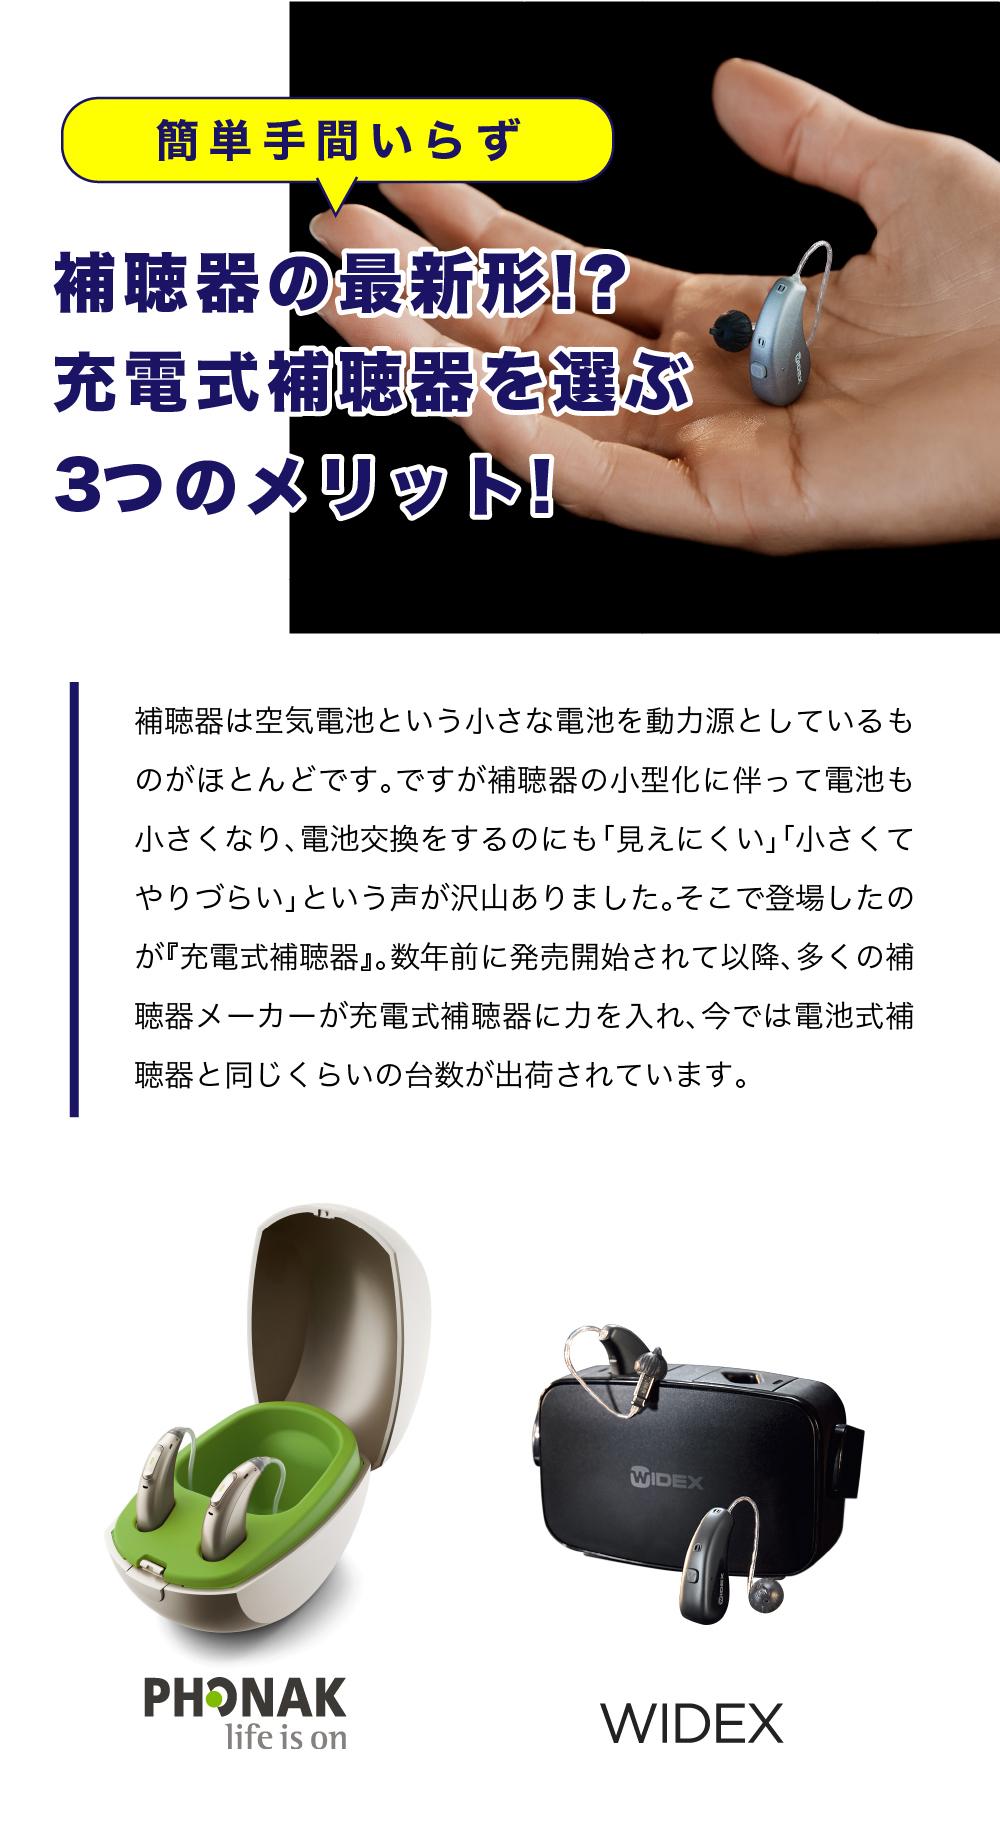 補聴器は空気電池という小さな電池を動力源としているものがほとんどです。 ですが補聴器の小型化に伴って電池も小さくなり、電池交換をするのにも「見えにくい」「小さくてやりづらい」という声が沢山ありました。 そこで登場したのが『充電式補聴器』。数年前に発売開始されて以降、多くの補聴器メーカーが充電式補聴器に力を入れ、今では電池式補聴器と同じくらいの台数が出荷されています。